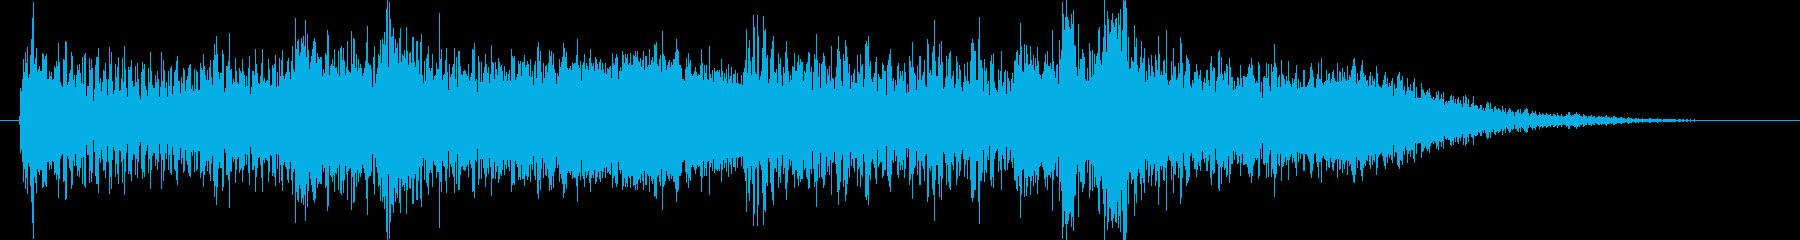 和風サウンドロゴ琴和太鼓のクリック音源の再生済みの波形